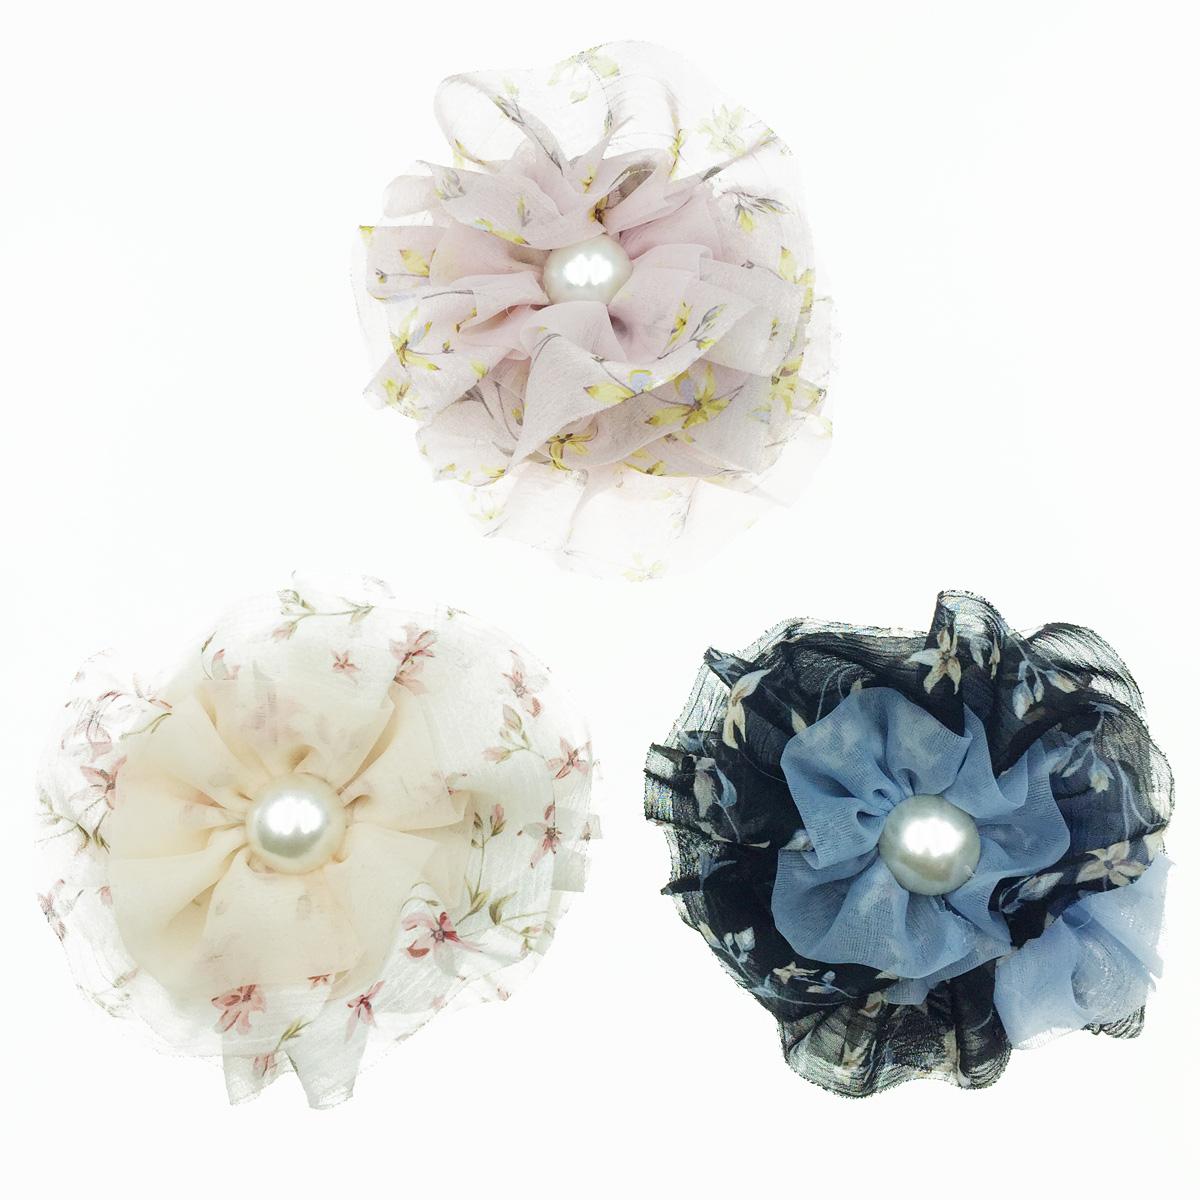 韓國 花朵 絲質 珍珠 緞帶 碎花 鯊魚夾 髮夾 髮飾